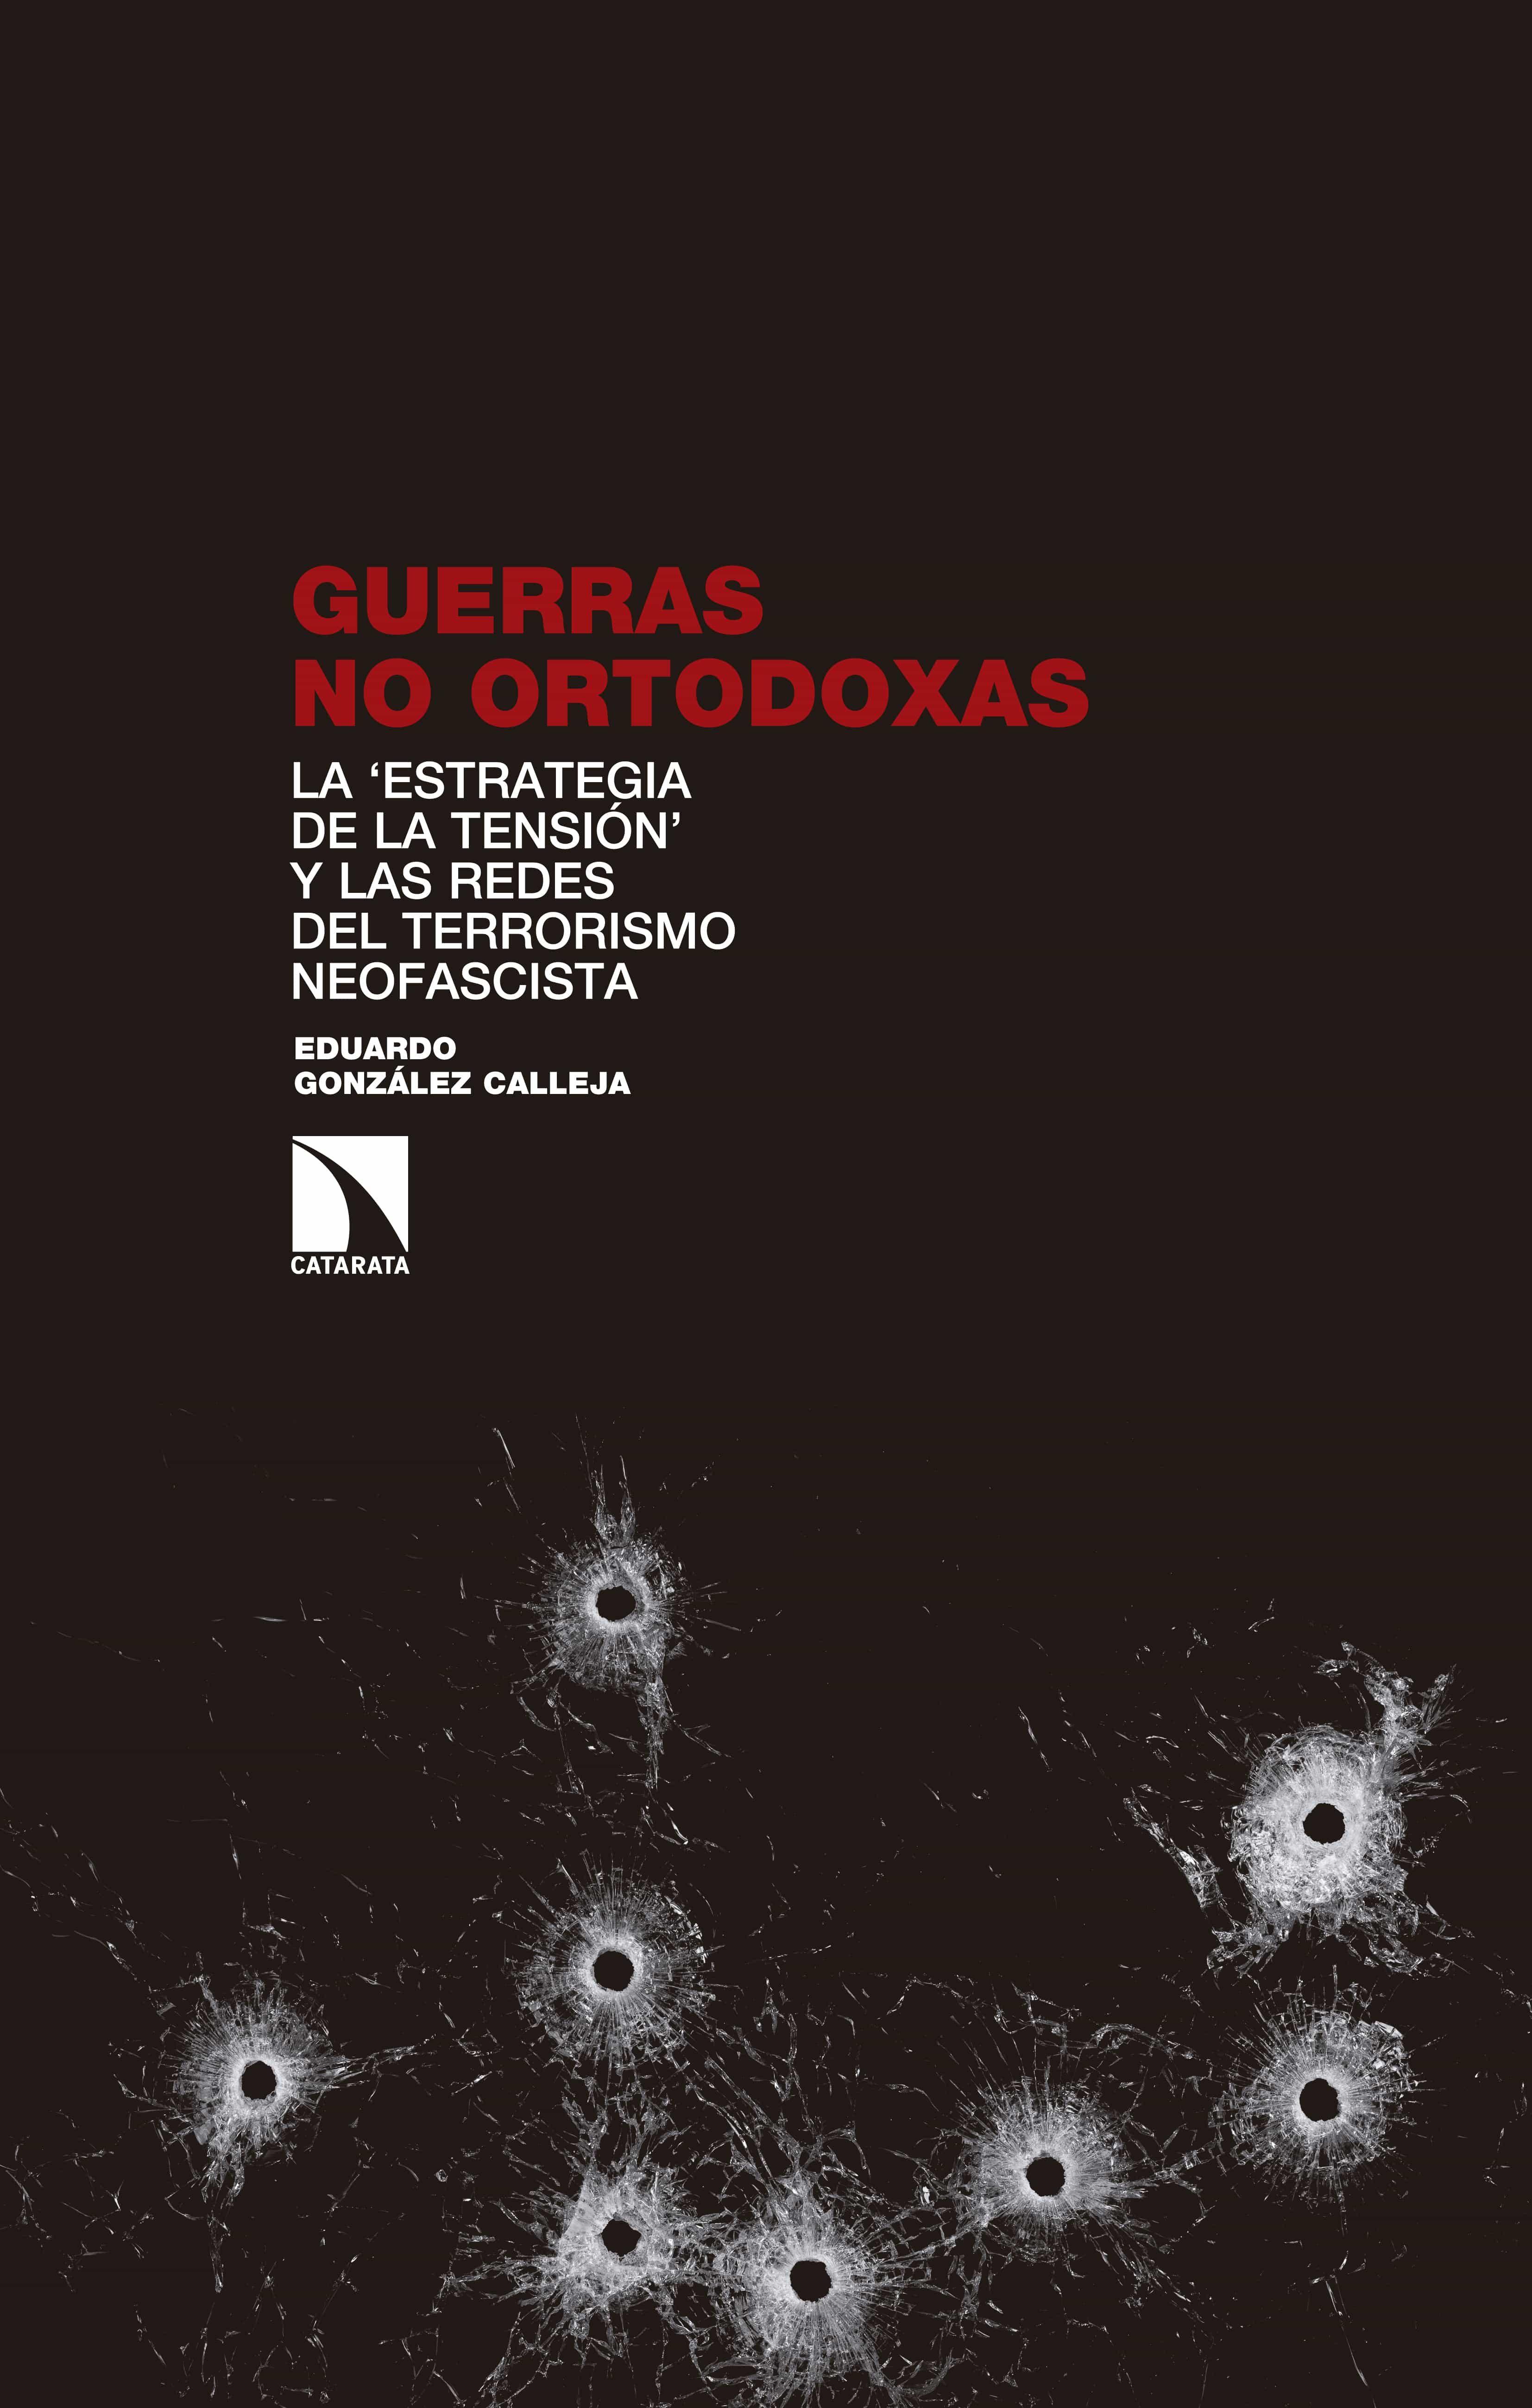 Guerras No Ortodoxas   por Eduardo Gonzalez Calleja